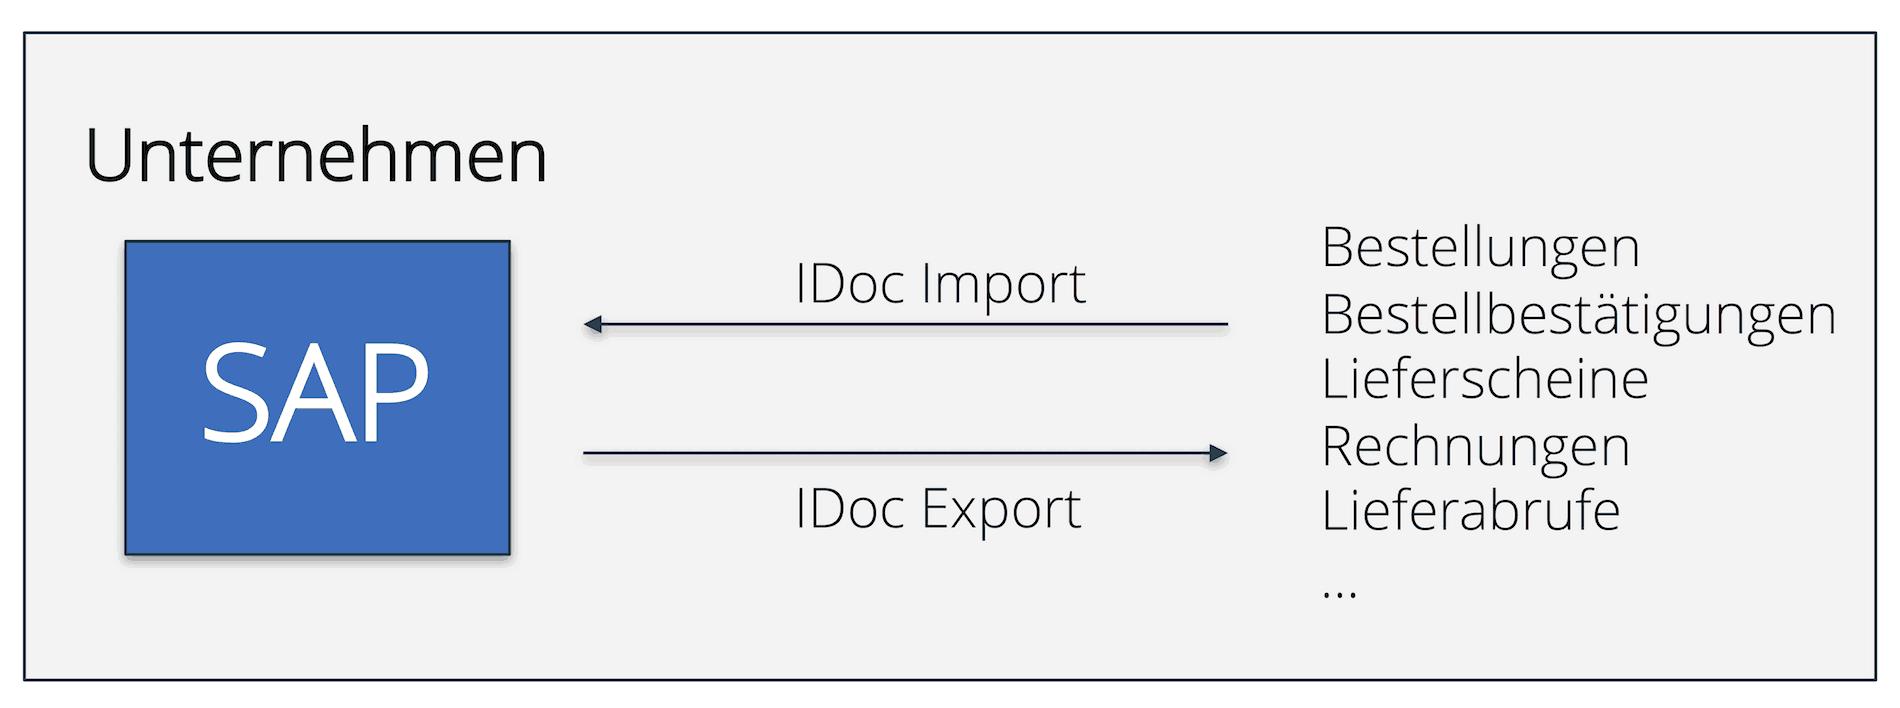 IDoc-Austausch mit einem SAP-System